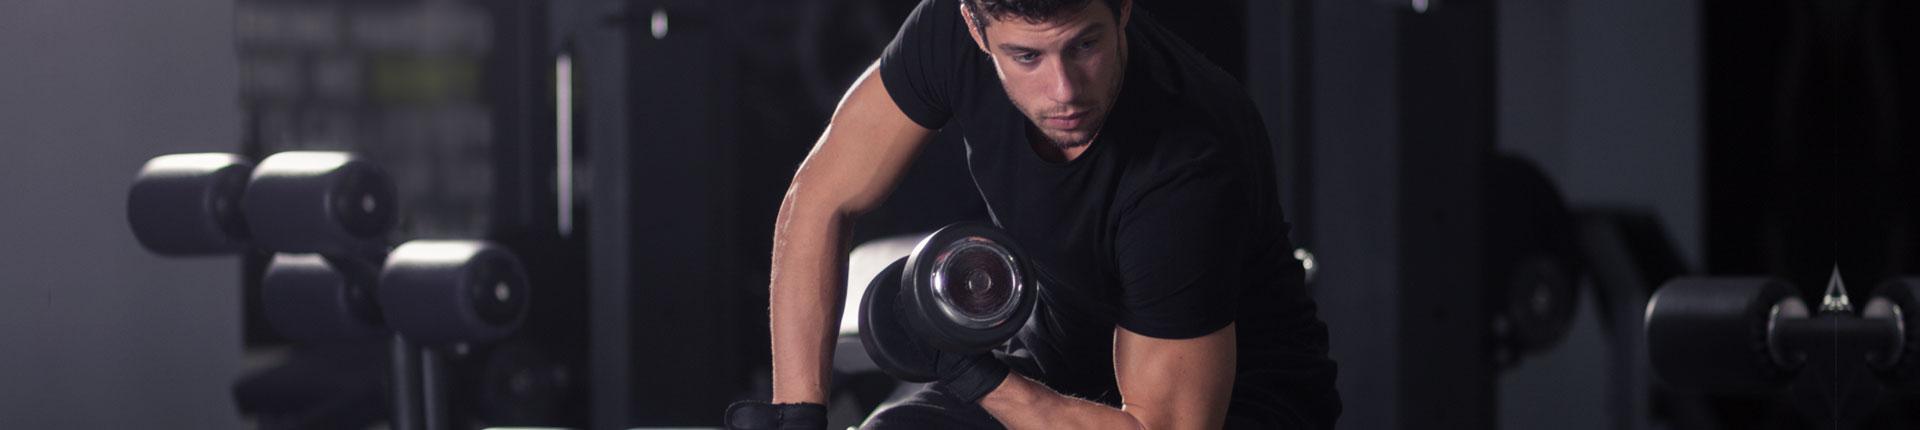 Dlaczego trening nie przynosi efektów?